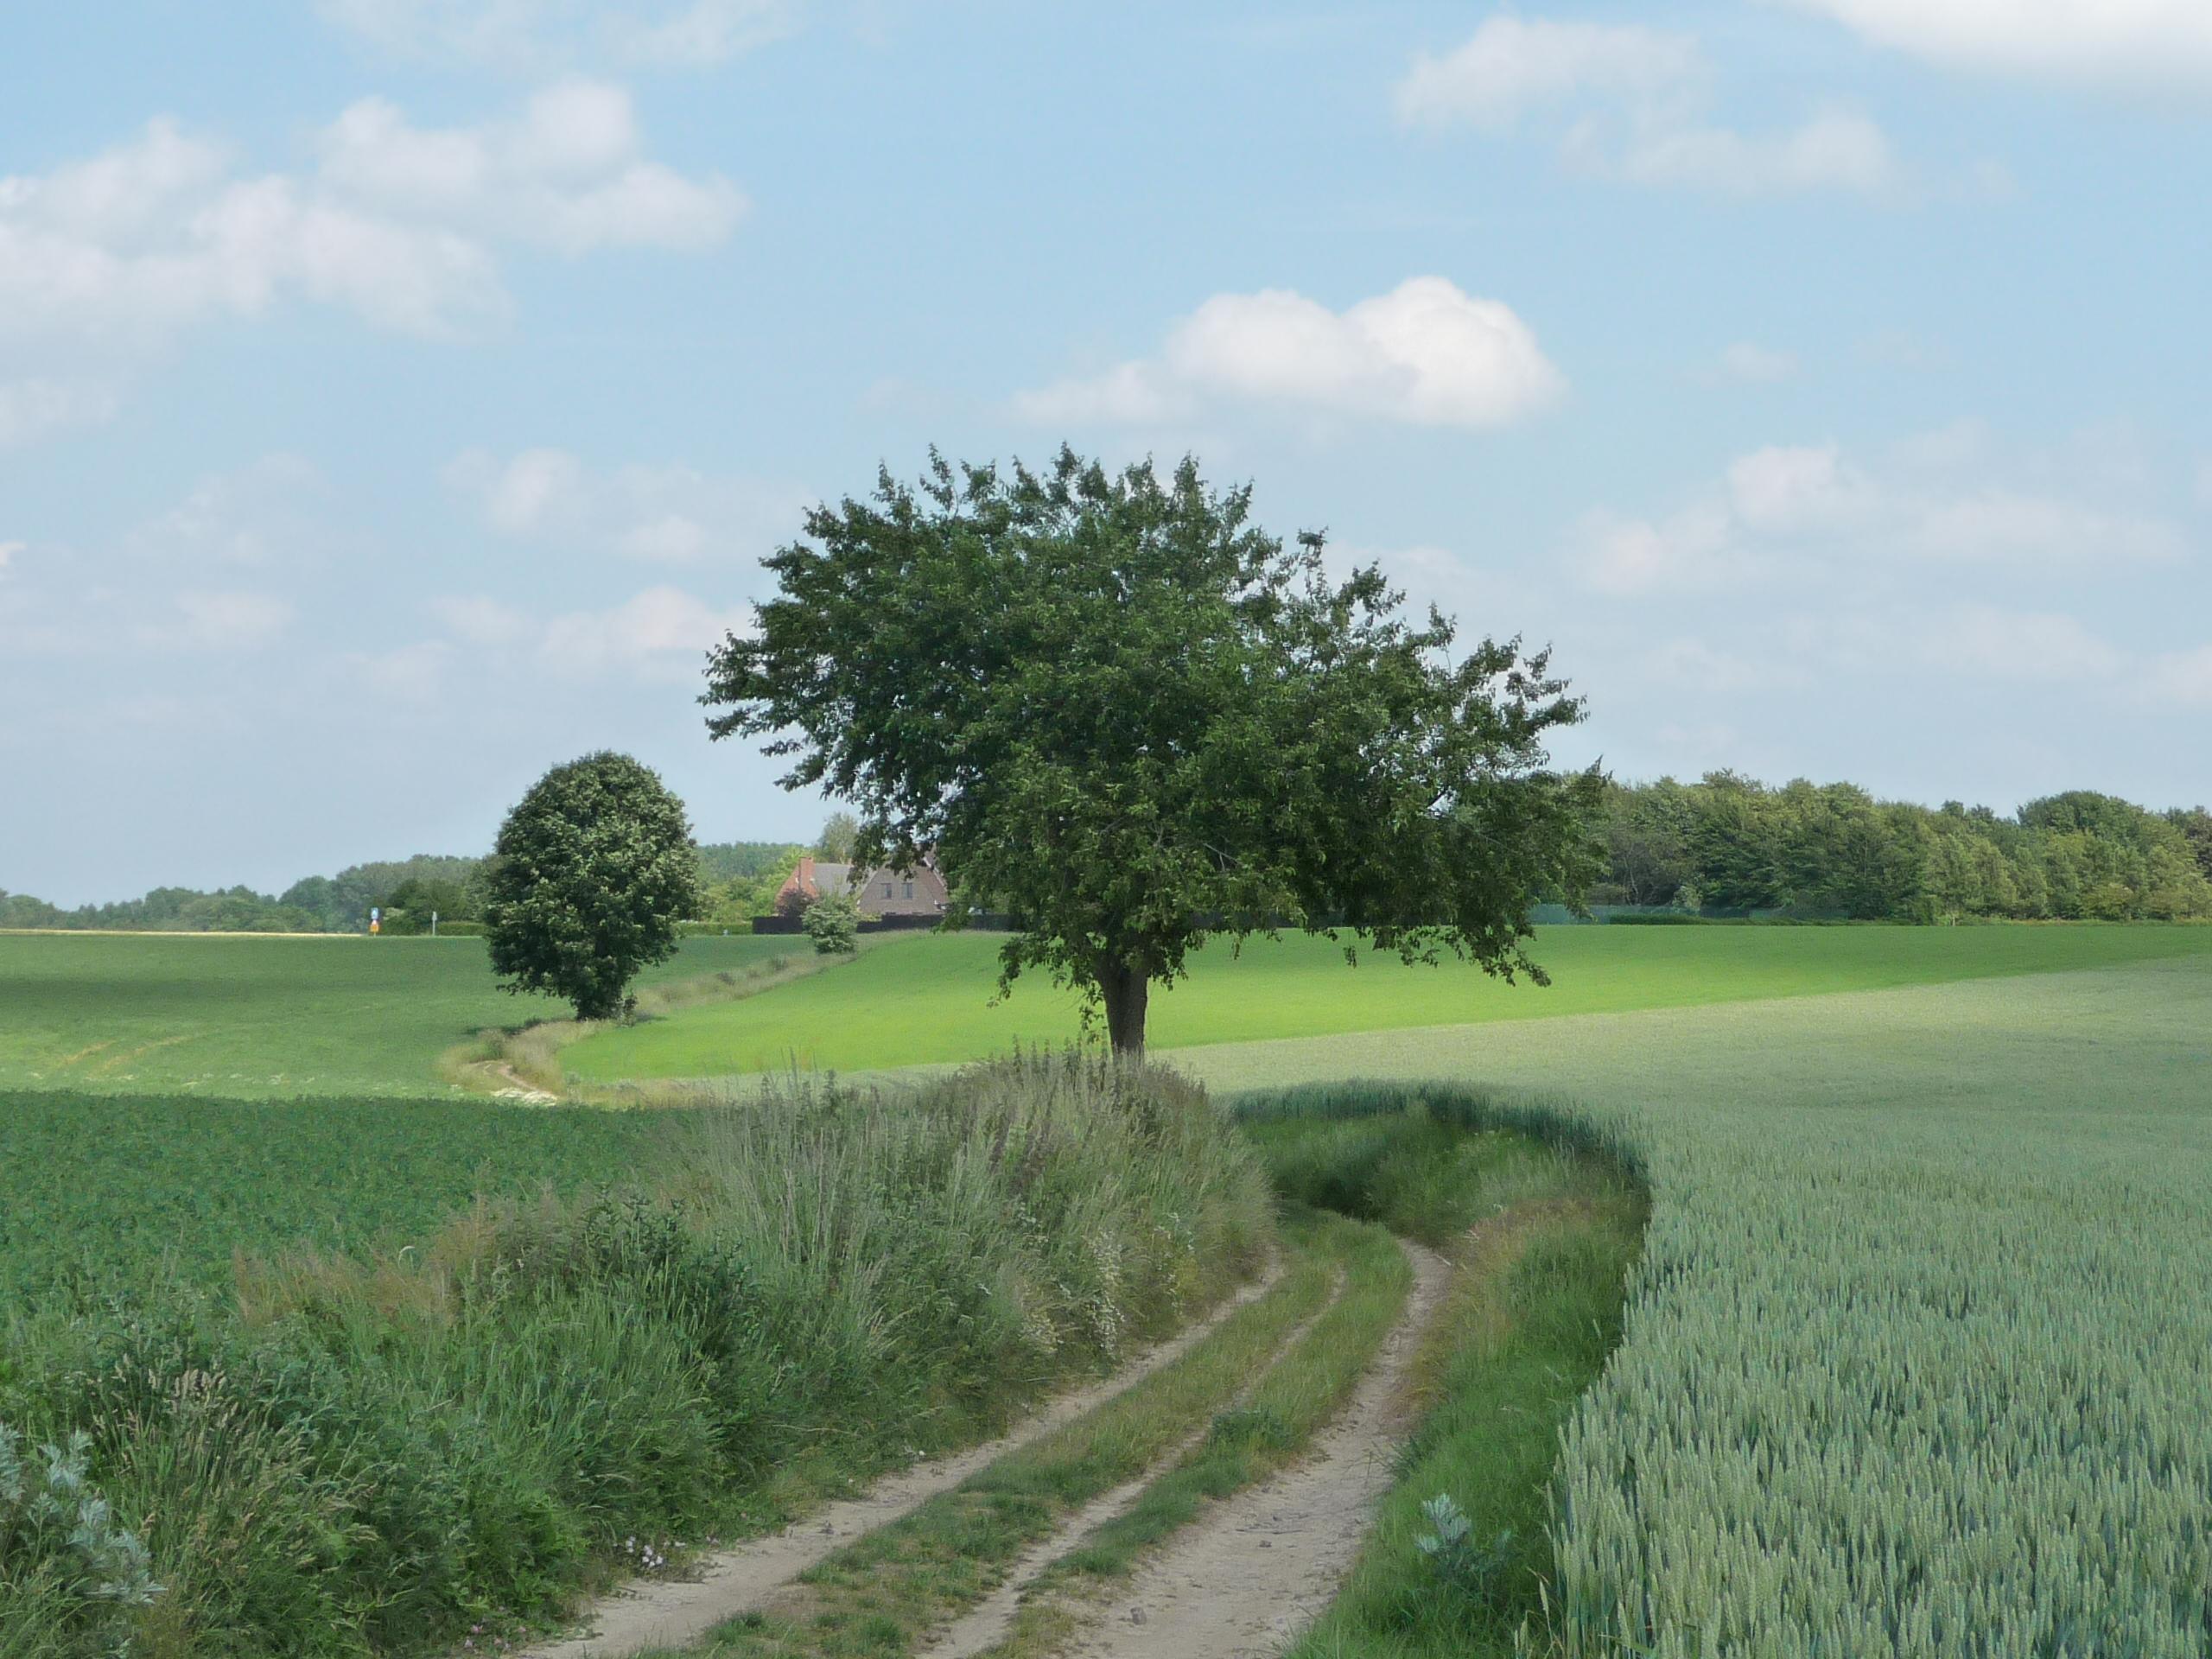 The fields around Gottechain